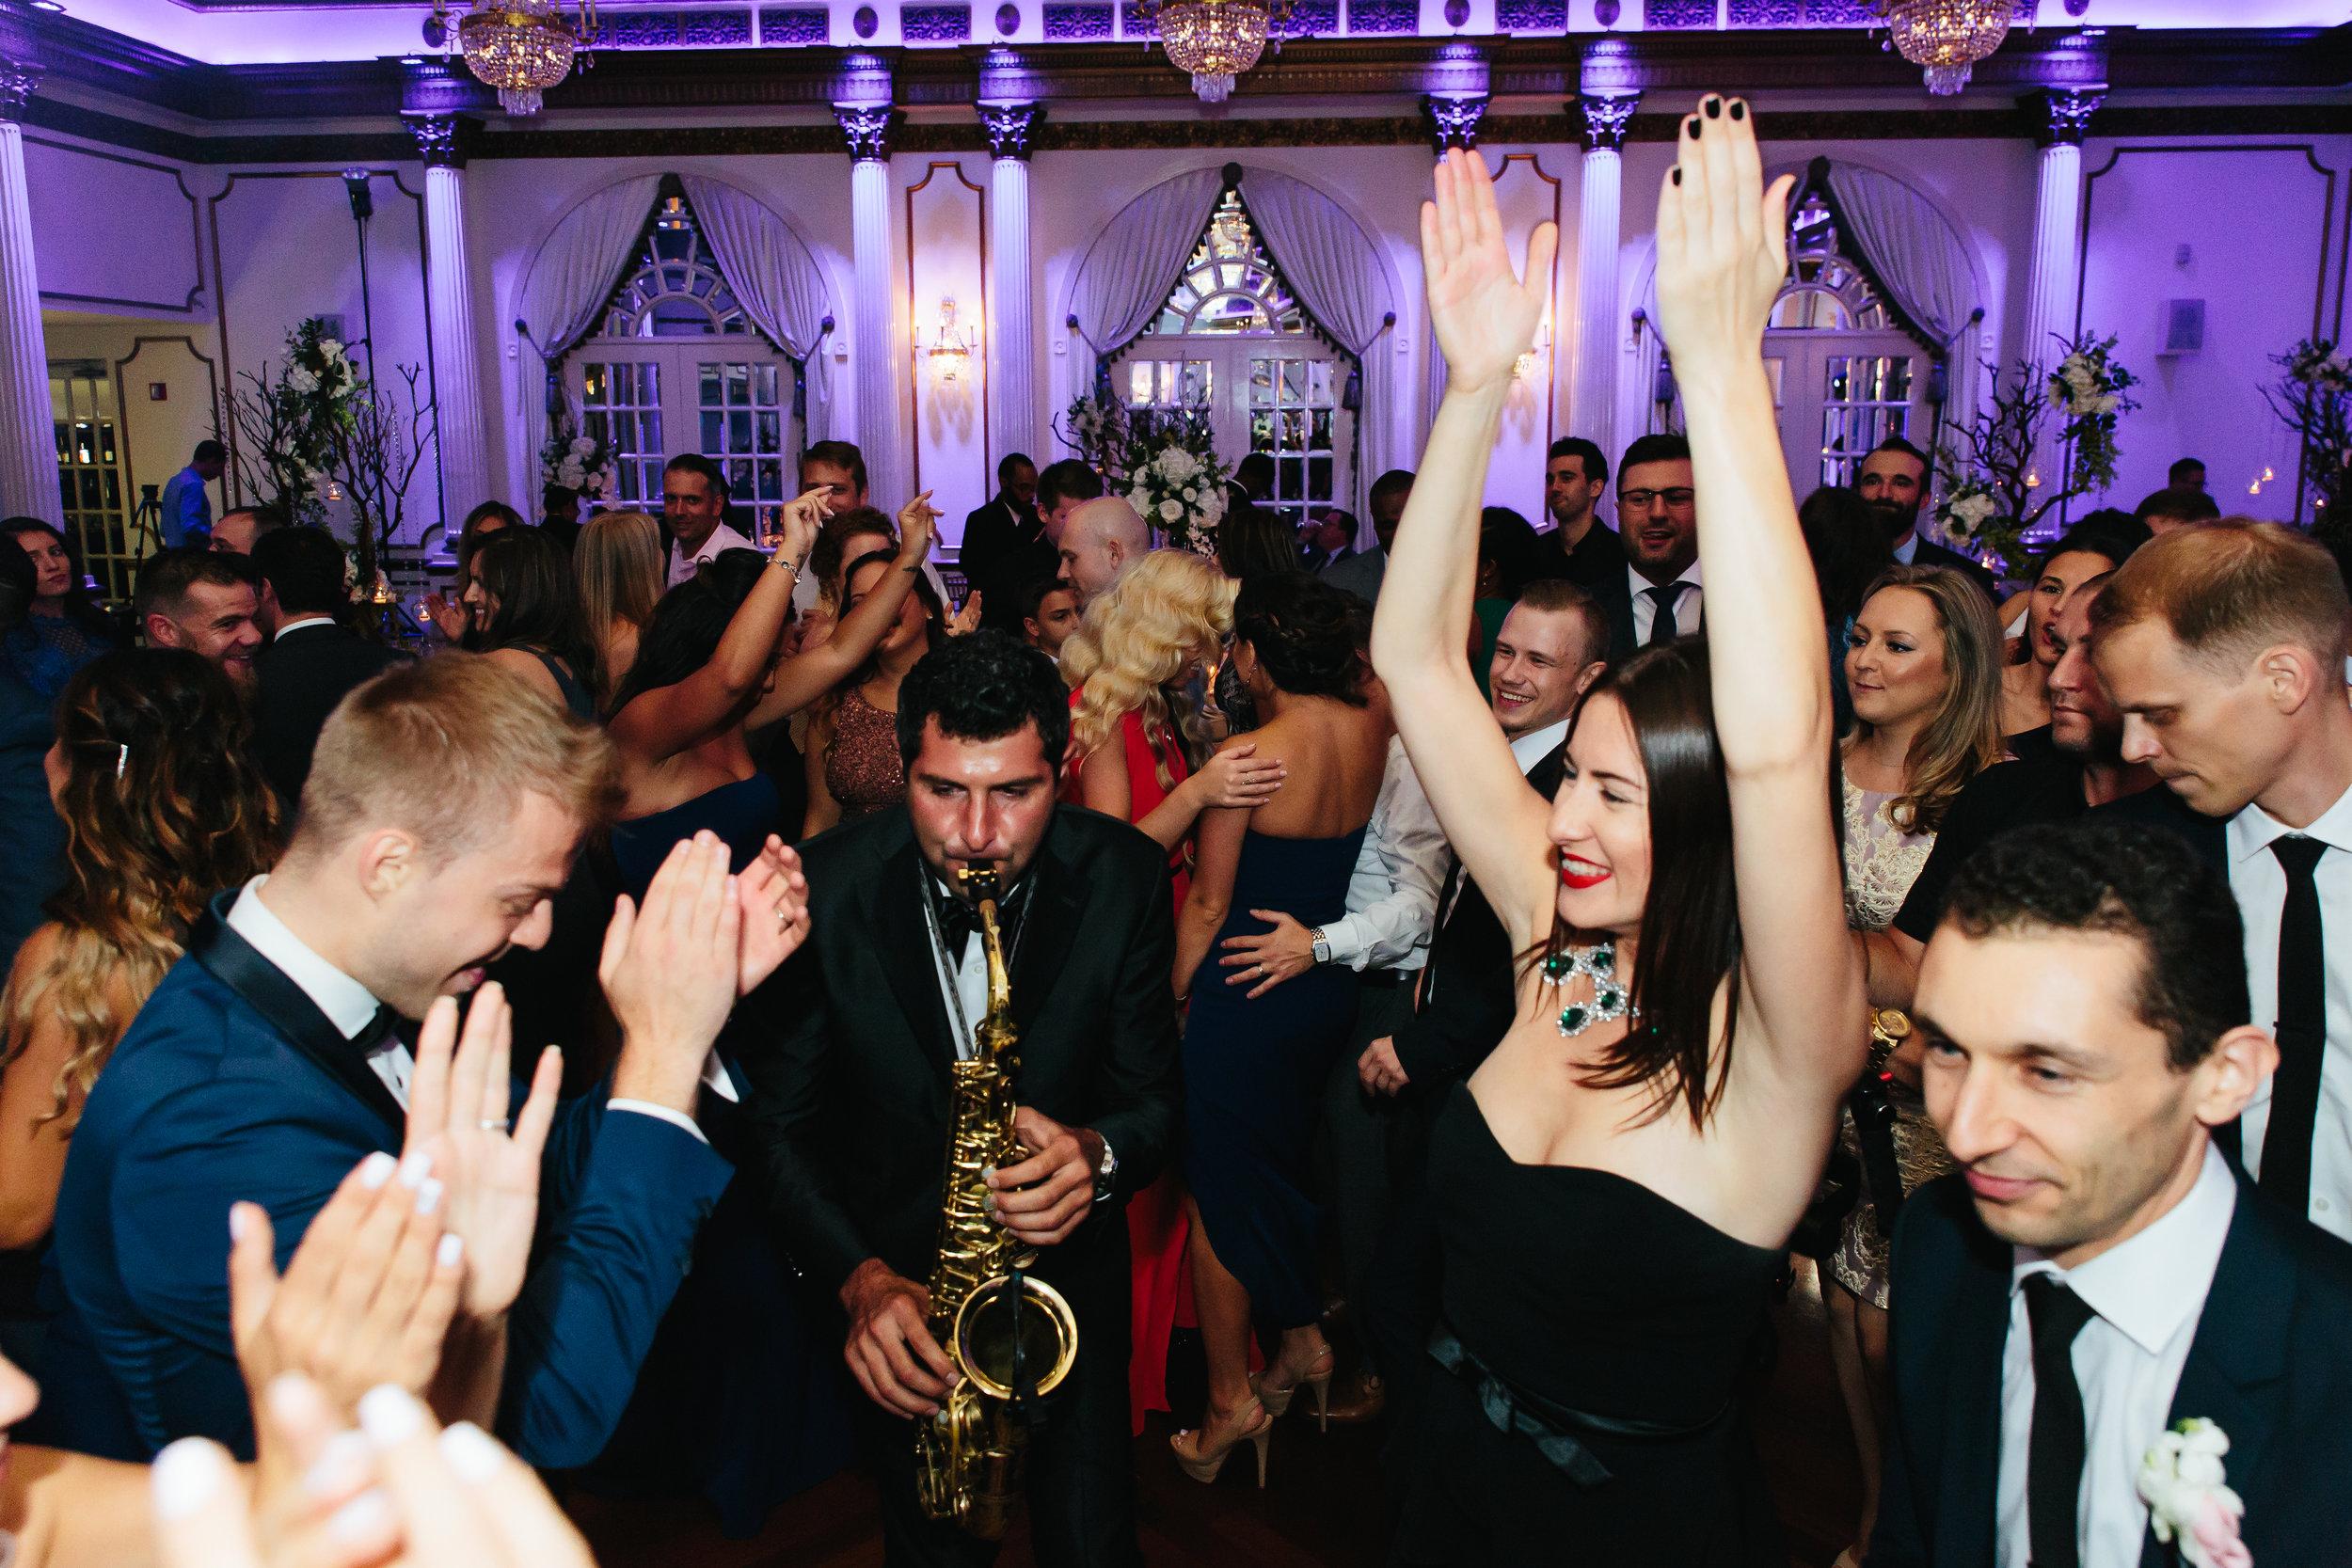 alex-edge-dj-wedding-crystal-plaza-3.jpg